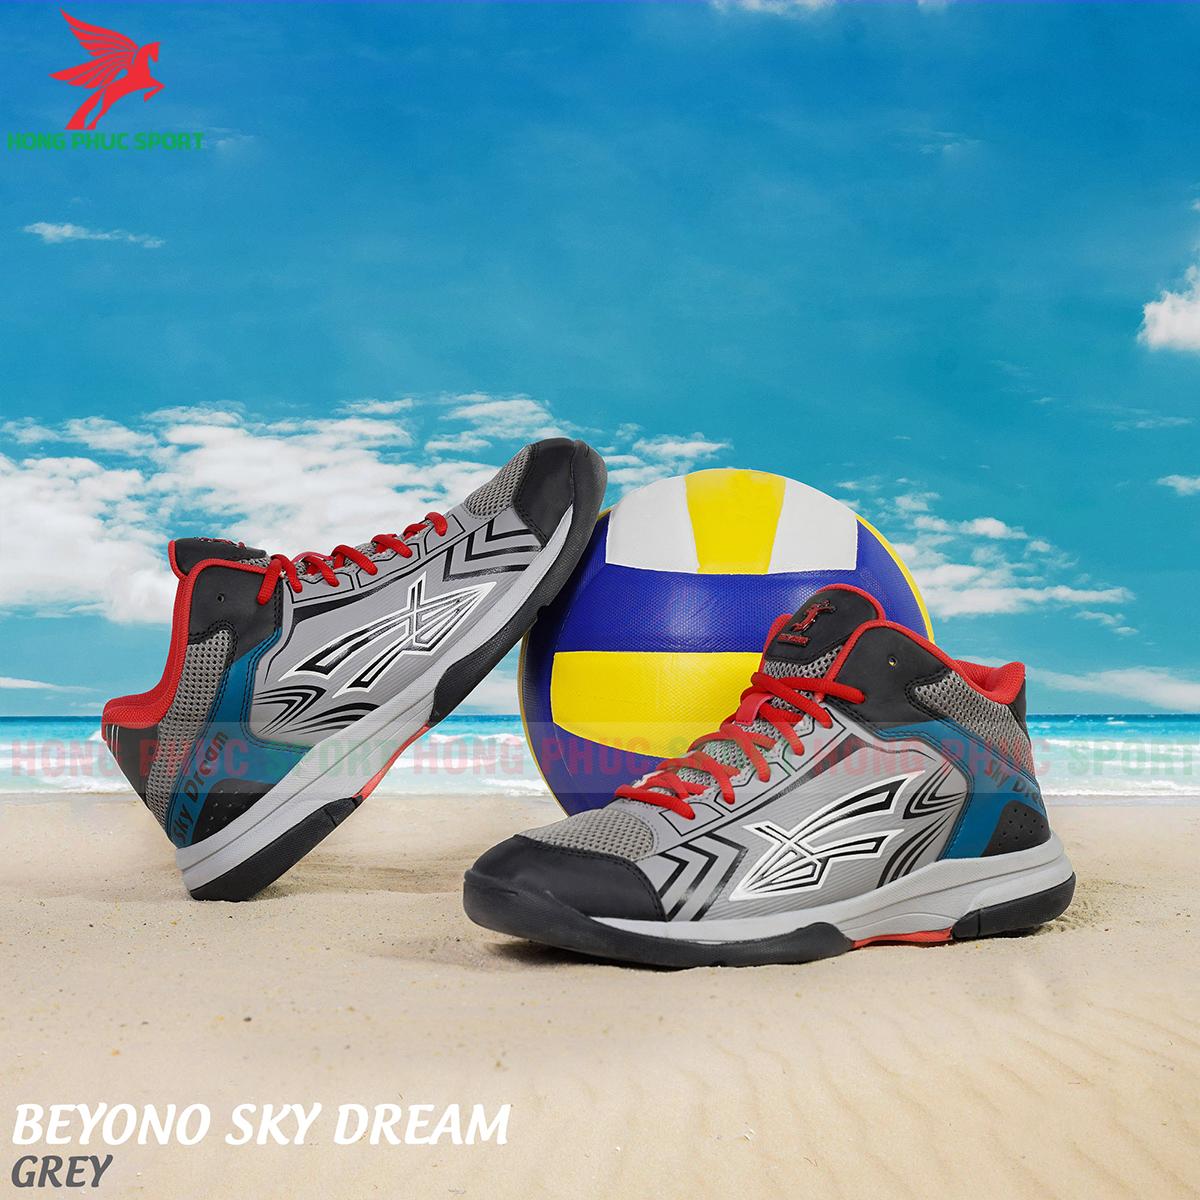 Giày bóng chuyền Beyono Sky dream màu xám